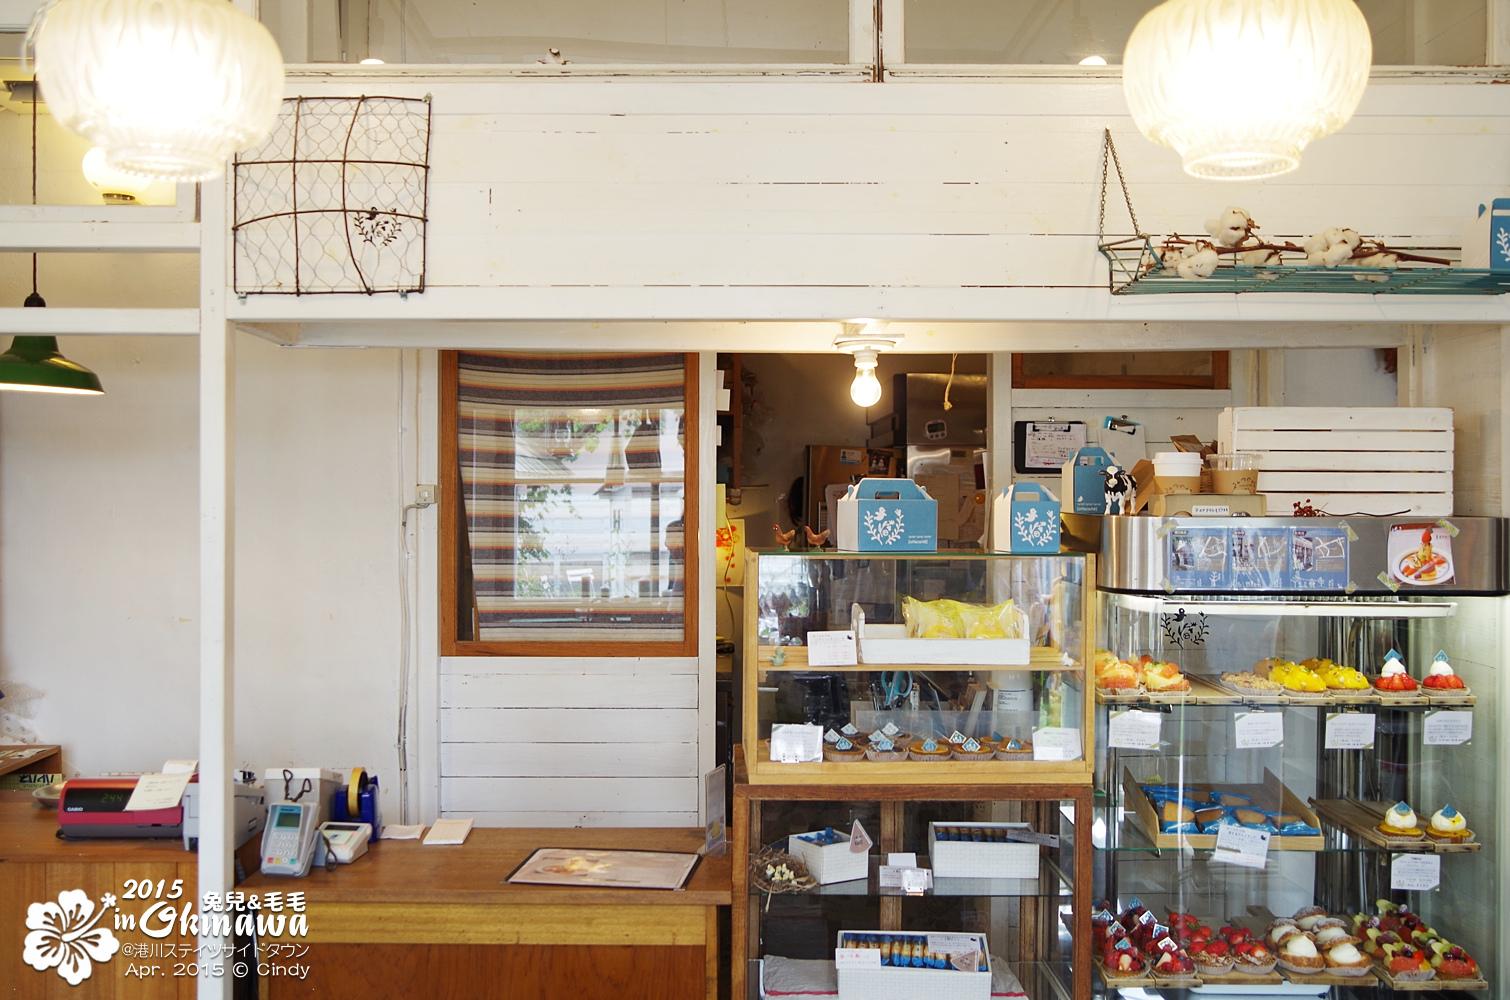 2015-0407-港川外人住宅-38.jpg